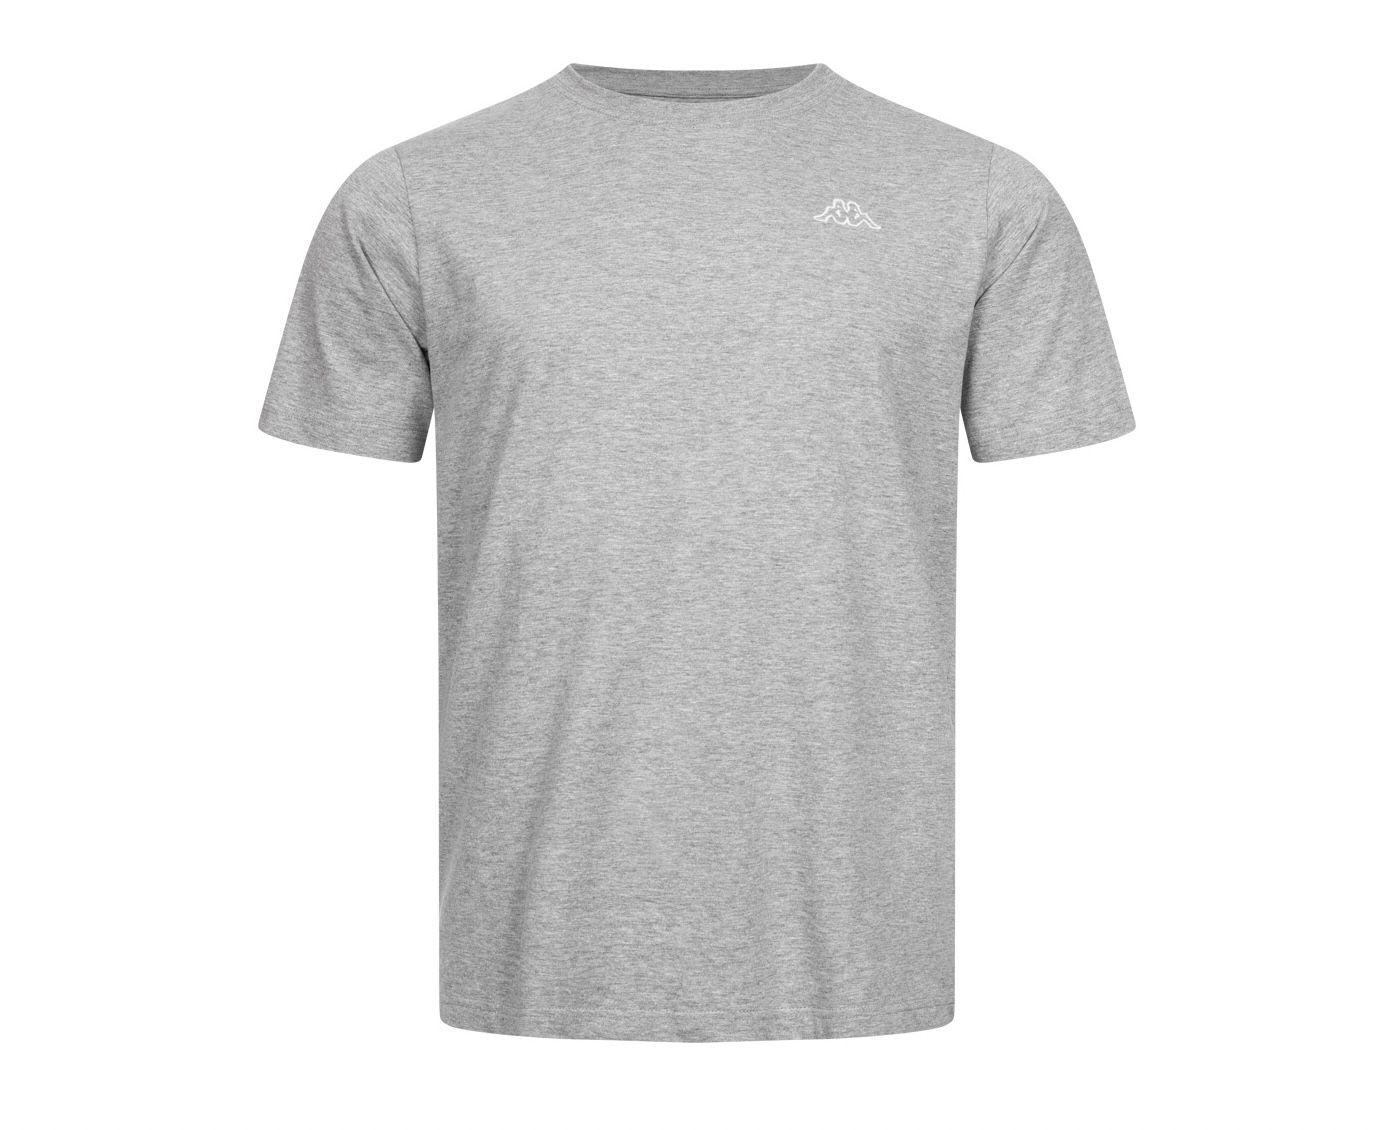 Kappa 300HWR0 77M Cromen Logo Herren T Shirt in versch. Farben für 7,77€ + VSK (statt 15€)